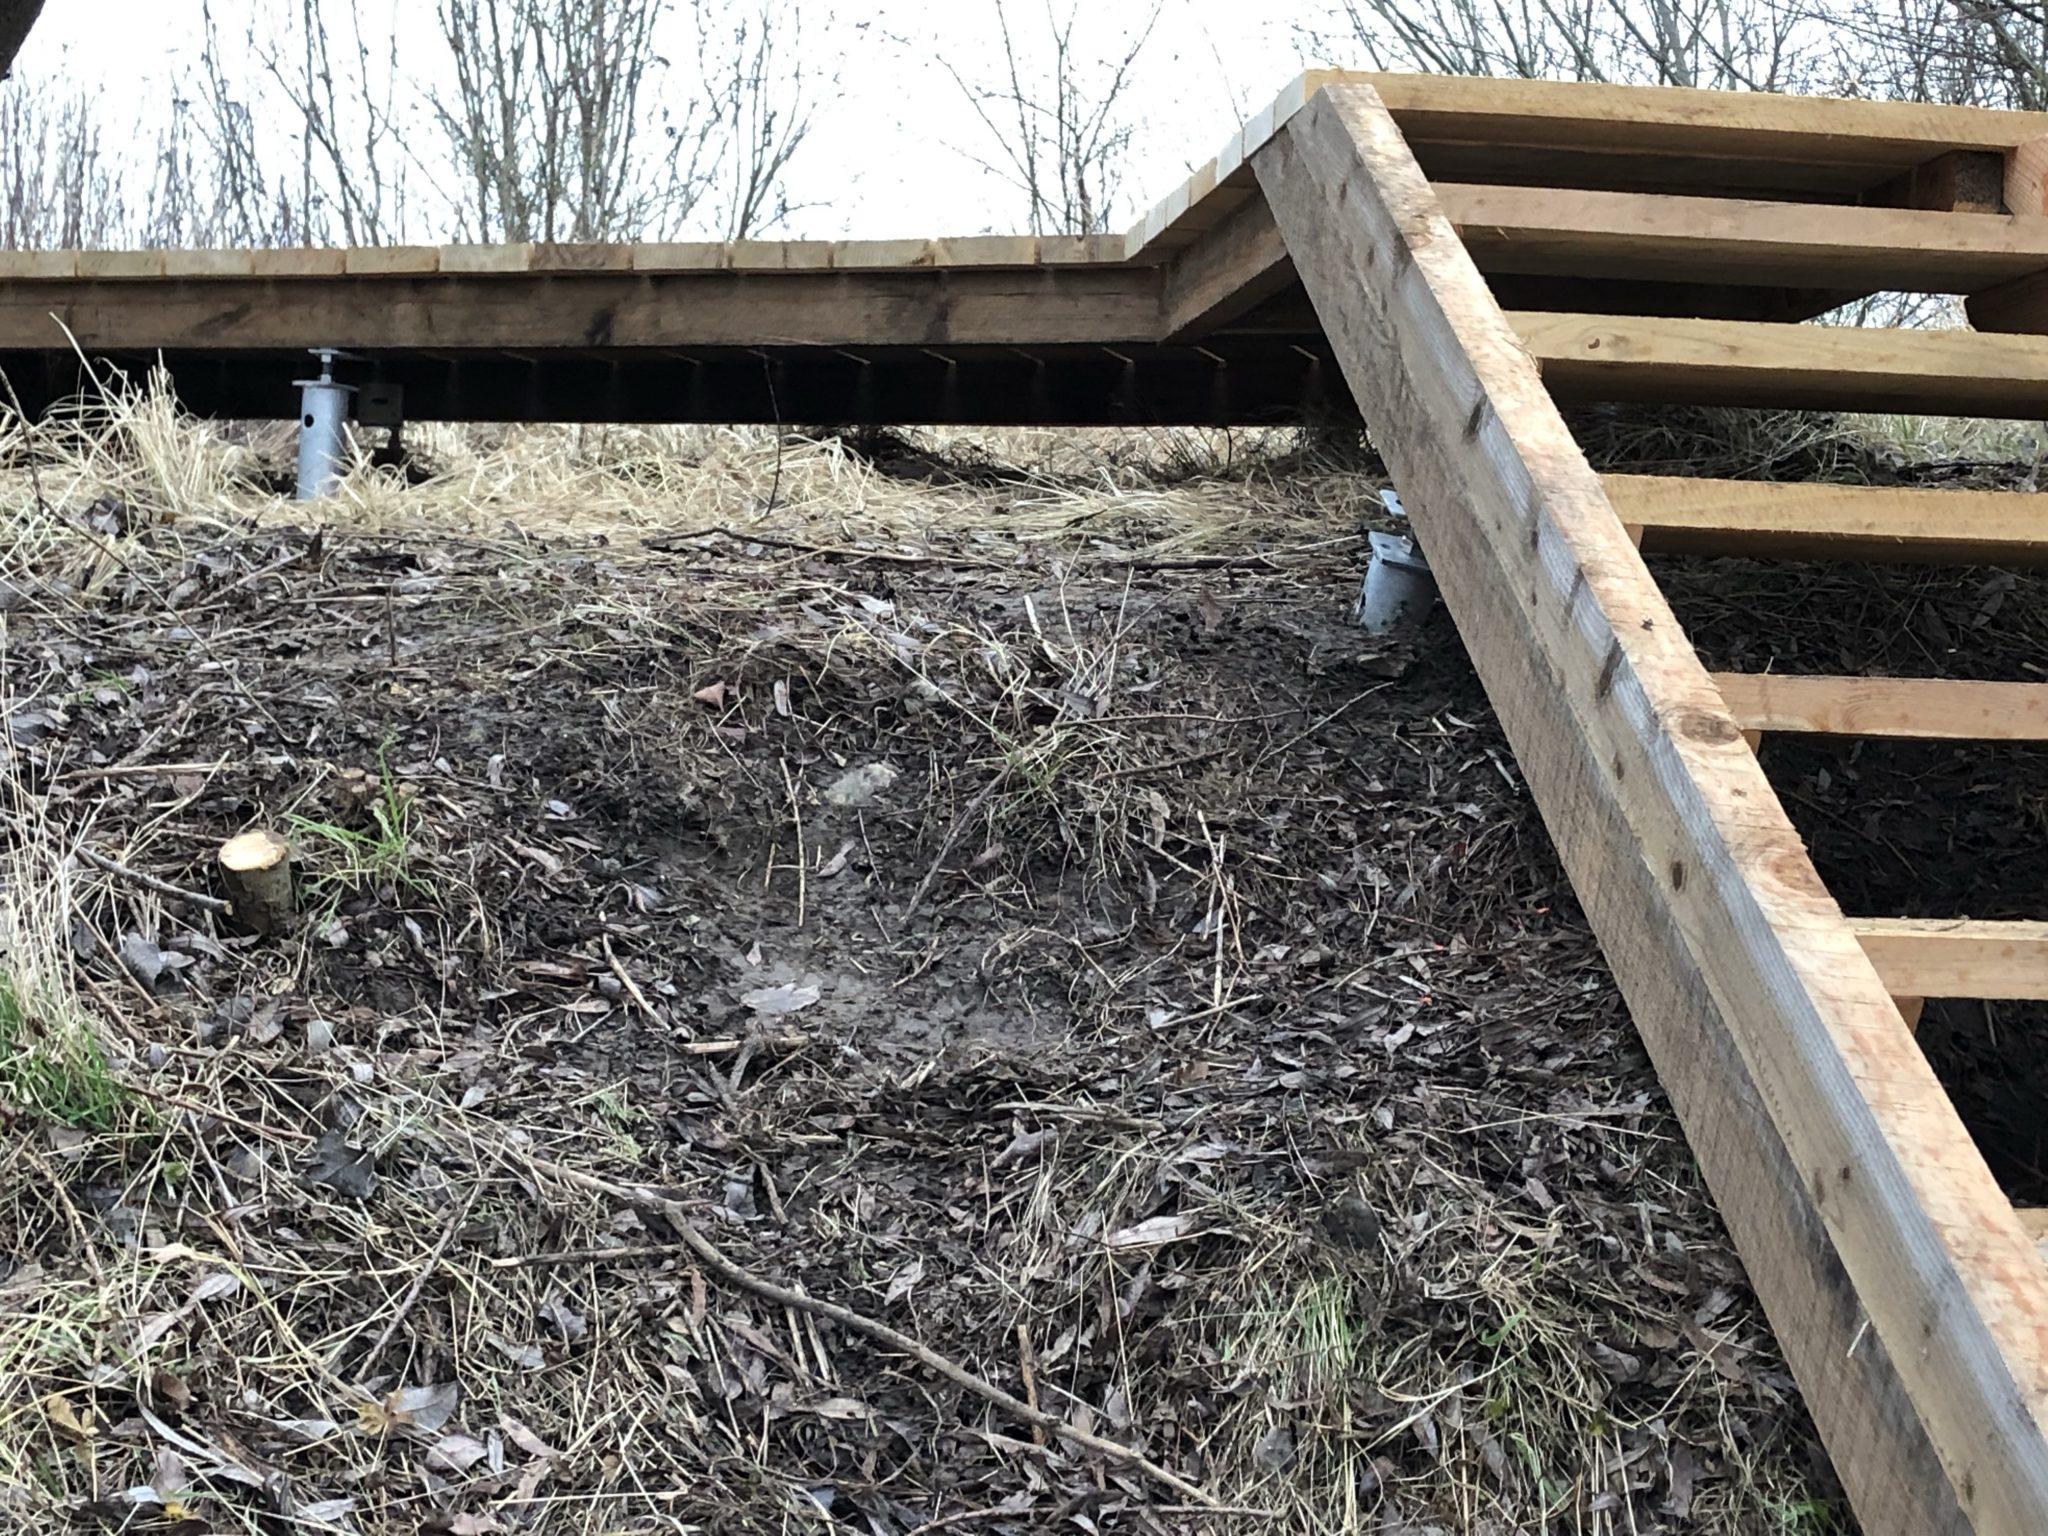 schraubanker Schraubfundament Stege und Treppen in der Natur